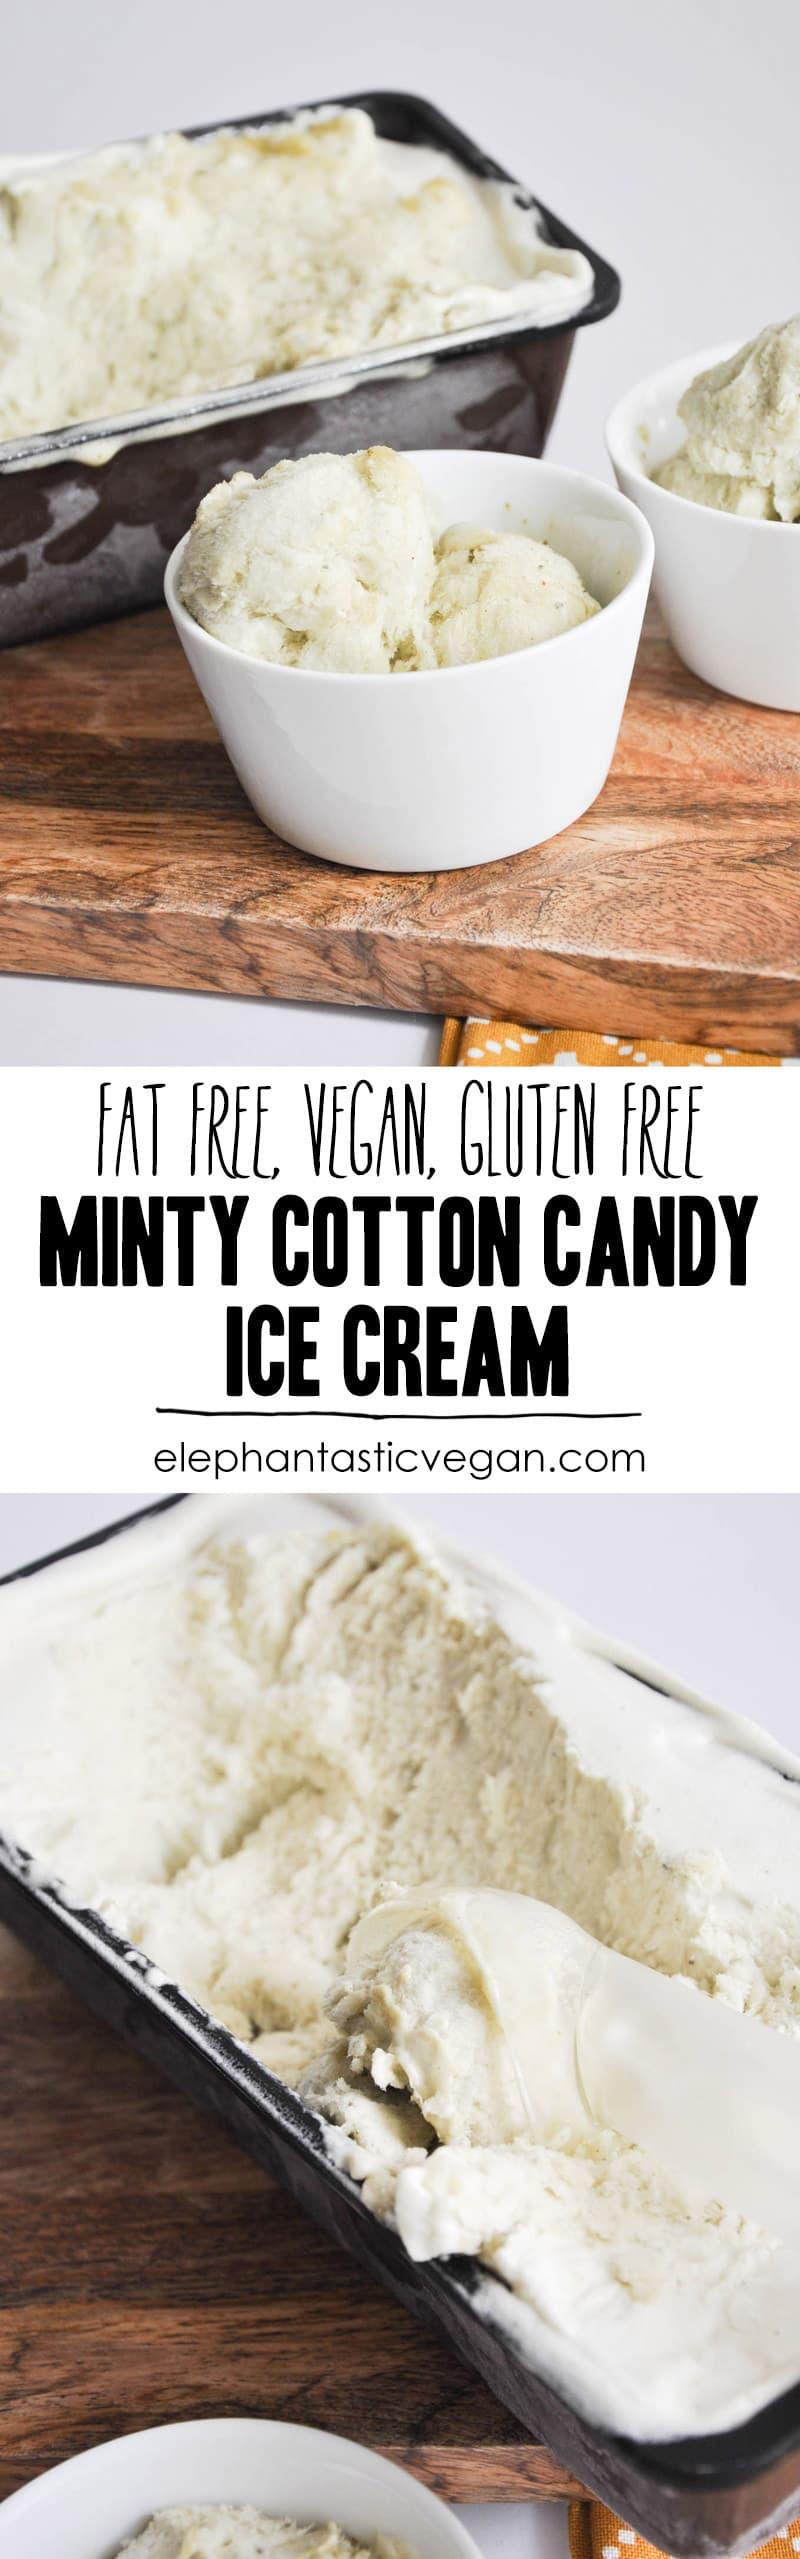 Minty Cotton Candy Ice Cream | ElephantasticVegan.com